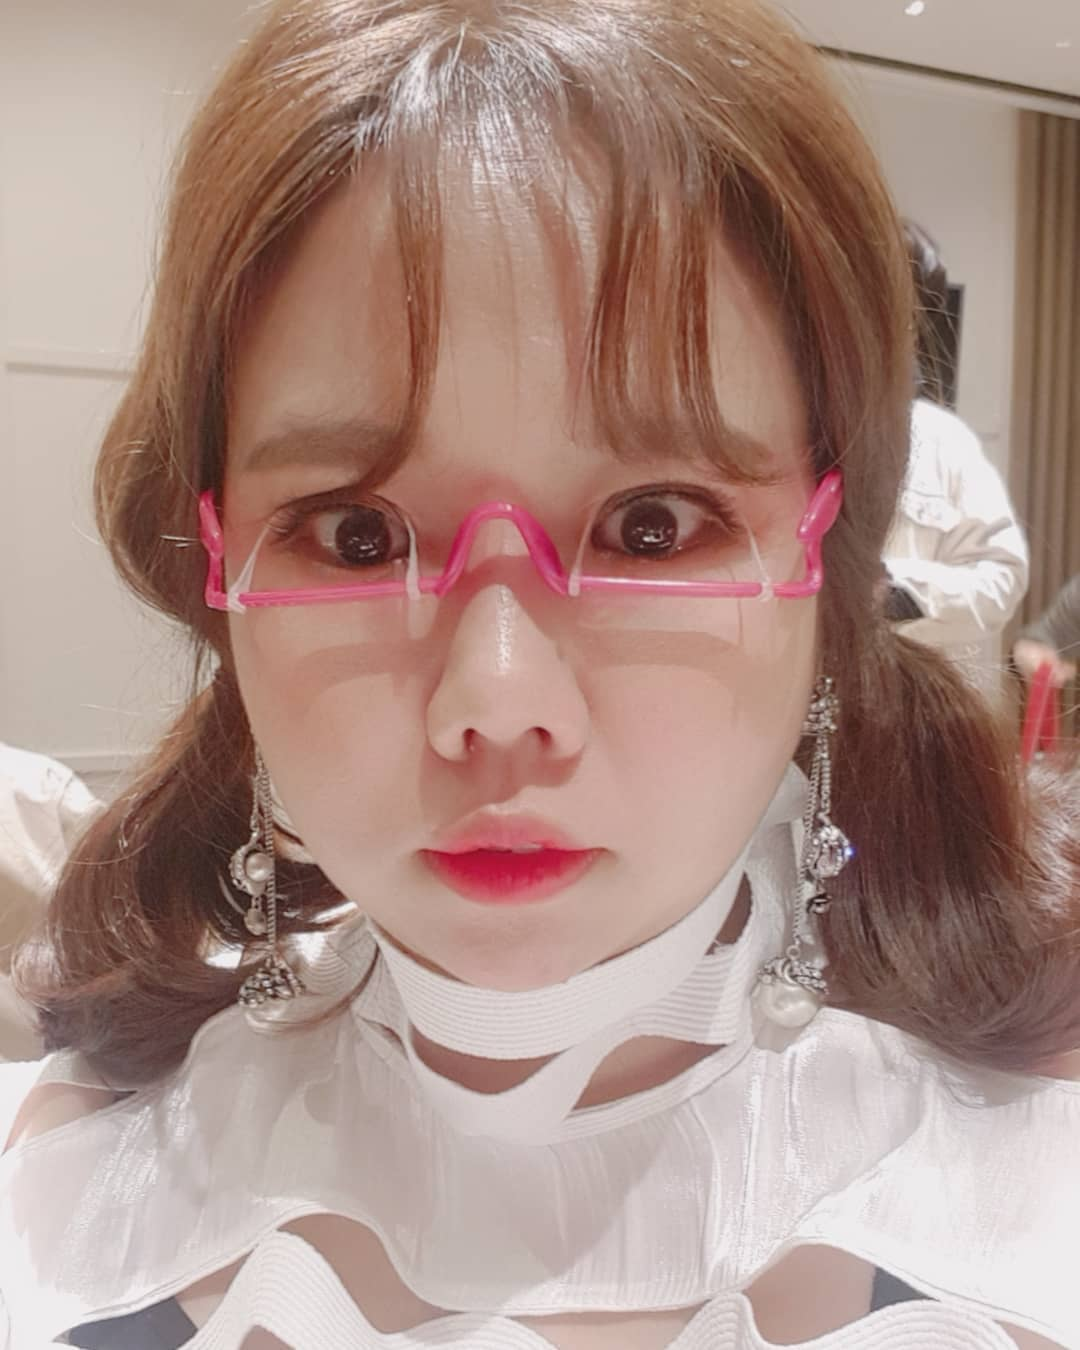 TWIC也淪陷「雙眼皮眼鏡」韓妞超瘋 「CP值太高」單眼皮女孩必搶!